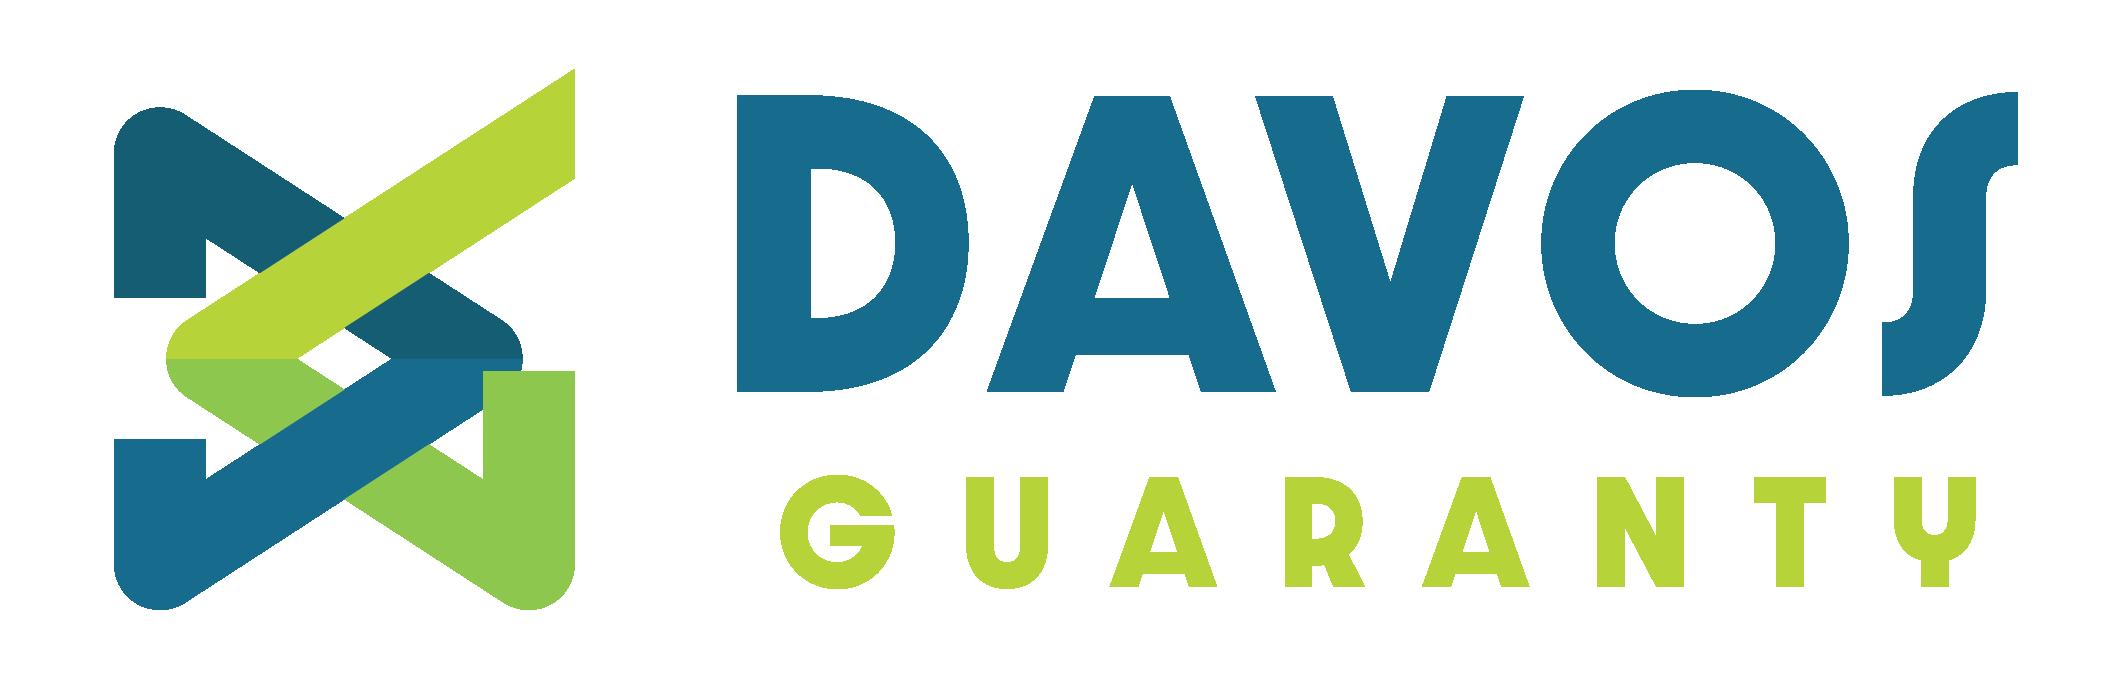 Davos Guaranty